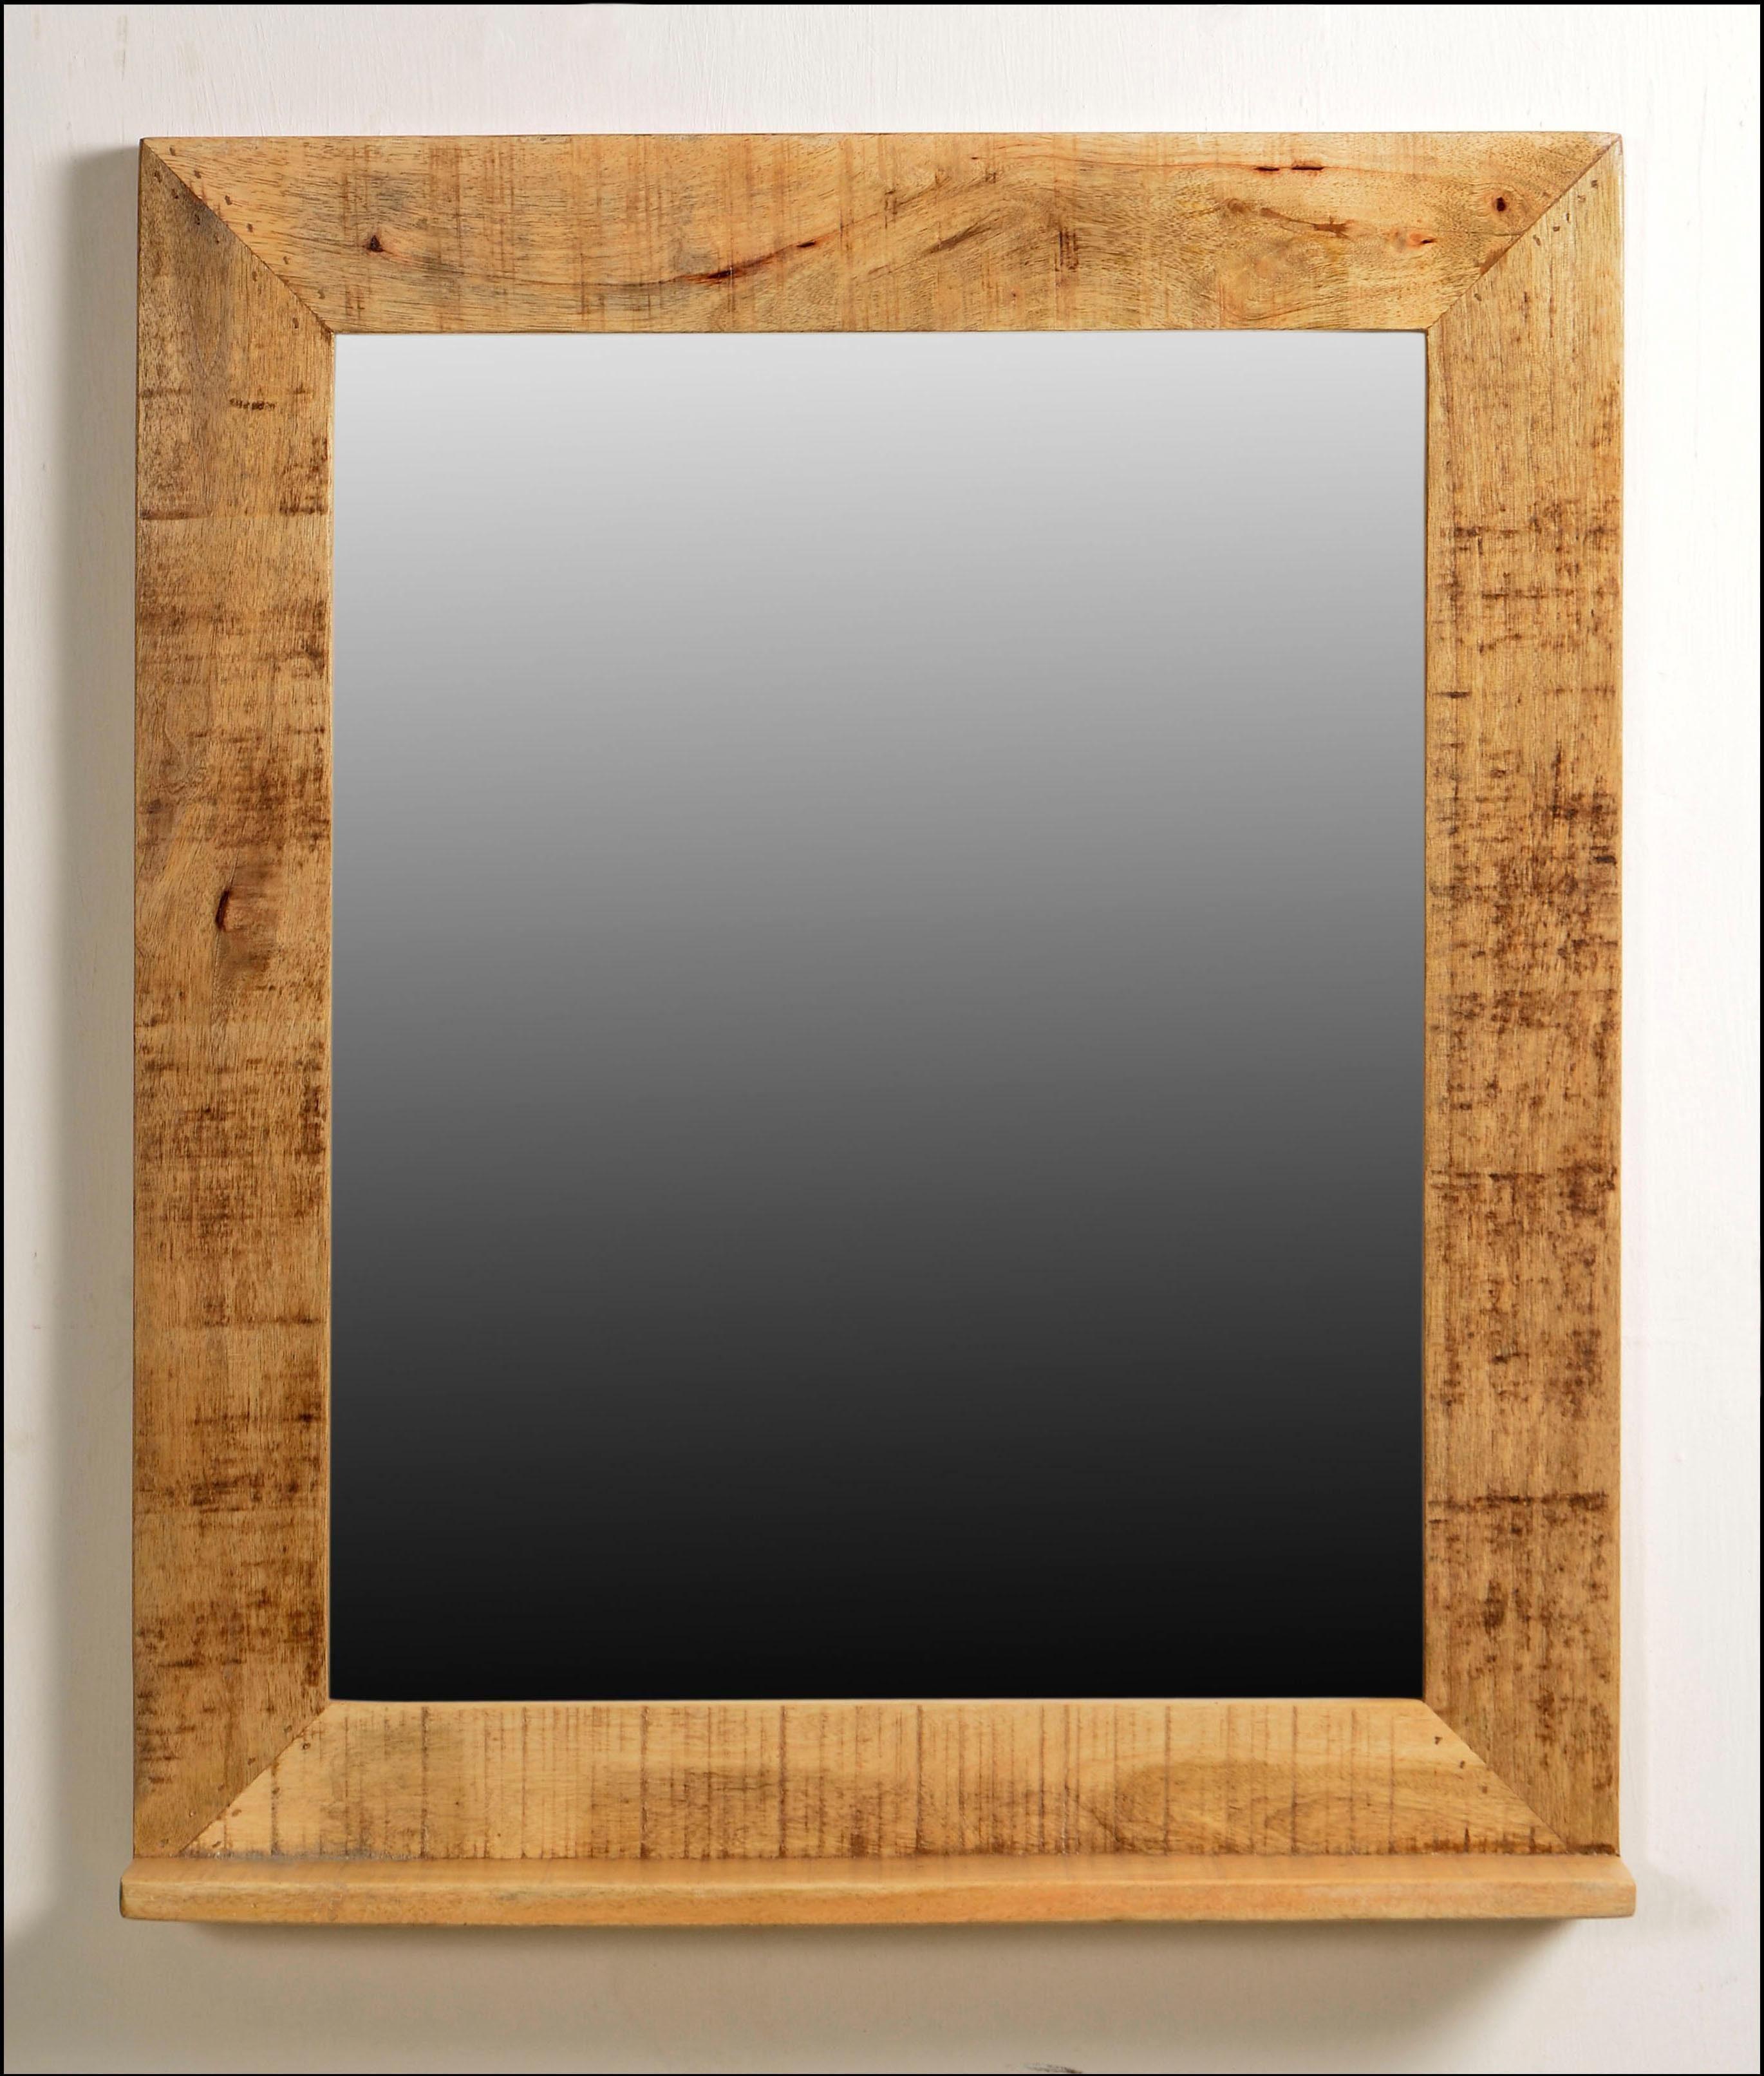 SIT Spiegel »Rustic«, im factory design, Breite 67 cm